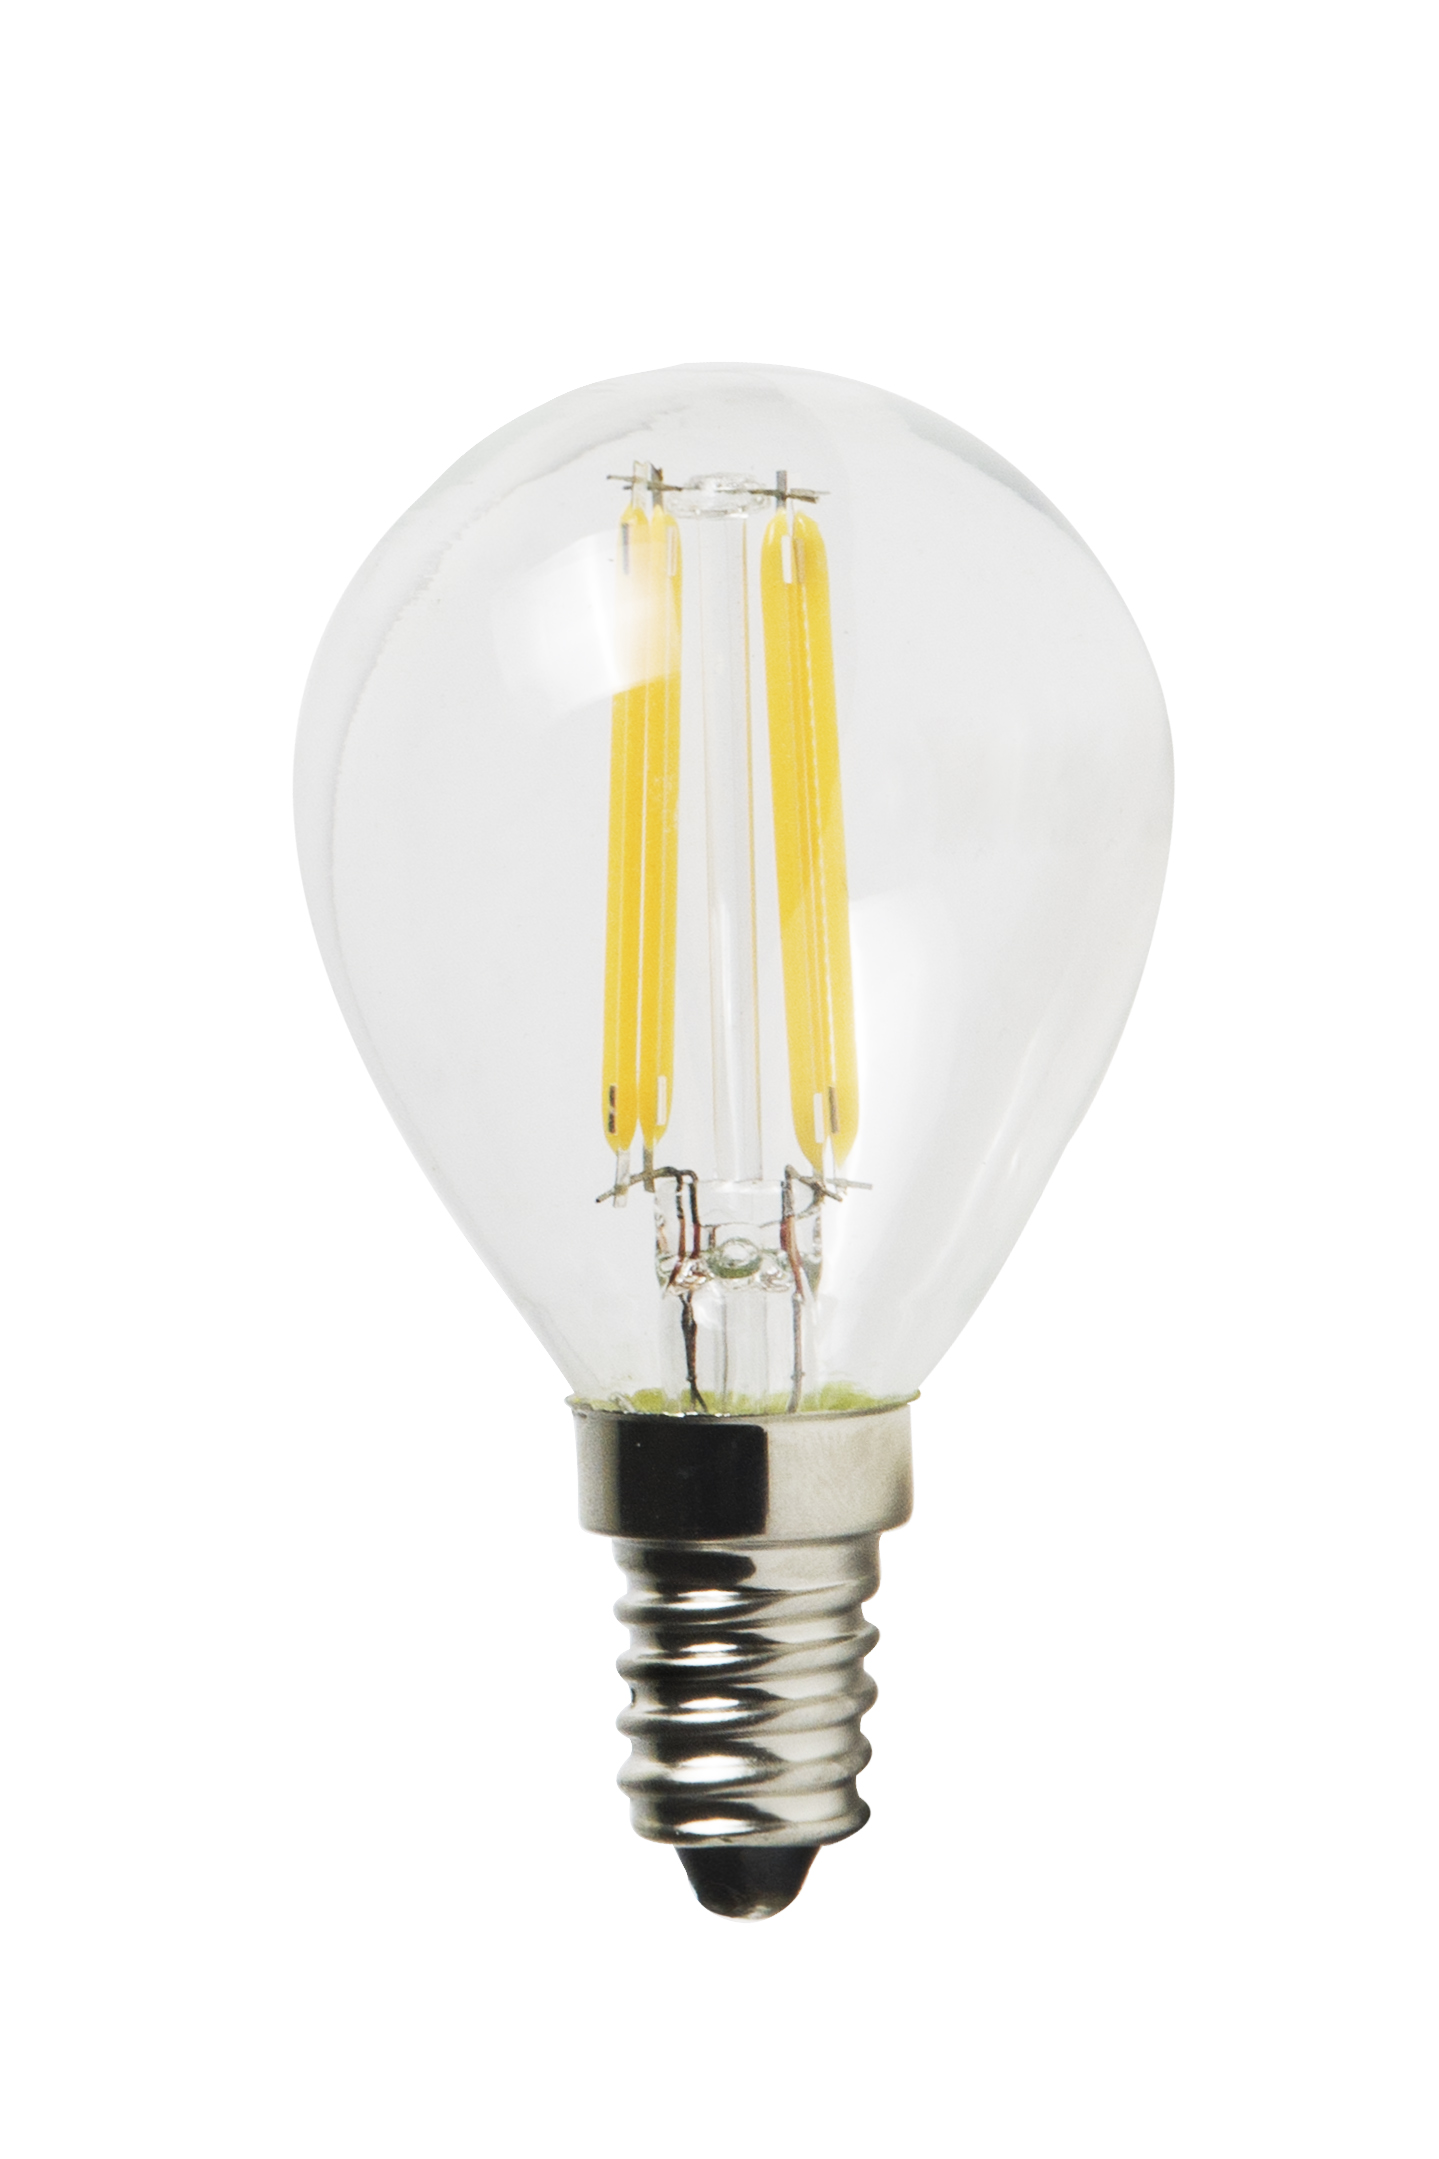 Светодиодная лампа VKlux BK-14W5G45 Edison, 5.0Вт, 3000К, стекло,(блистер)Светодиодные лампы<br><br><br>Тип: светодиодная лампа<br>Тип цоколя: E14<br>Рабочее напряжение, В: 220<br>Мощность, Вт: 5<br>Мощность заменяемой лампы, Вт: 60<br>Световой поток, Лм: 550<br>Цветовая температура, K: 3000